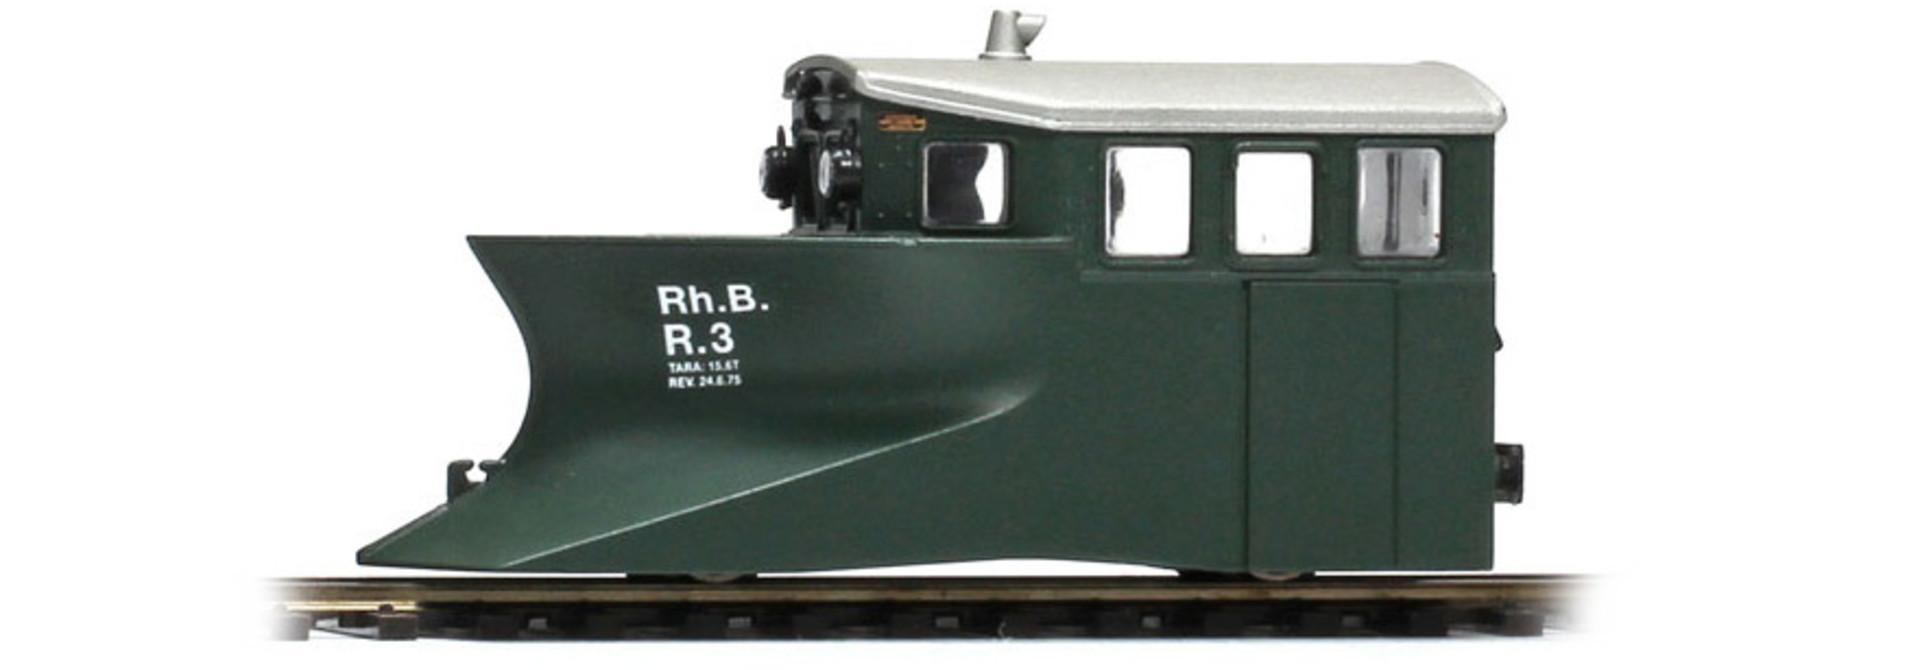 2286123 RhB R.3 historischer Schneeräumer